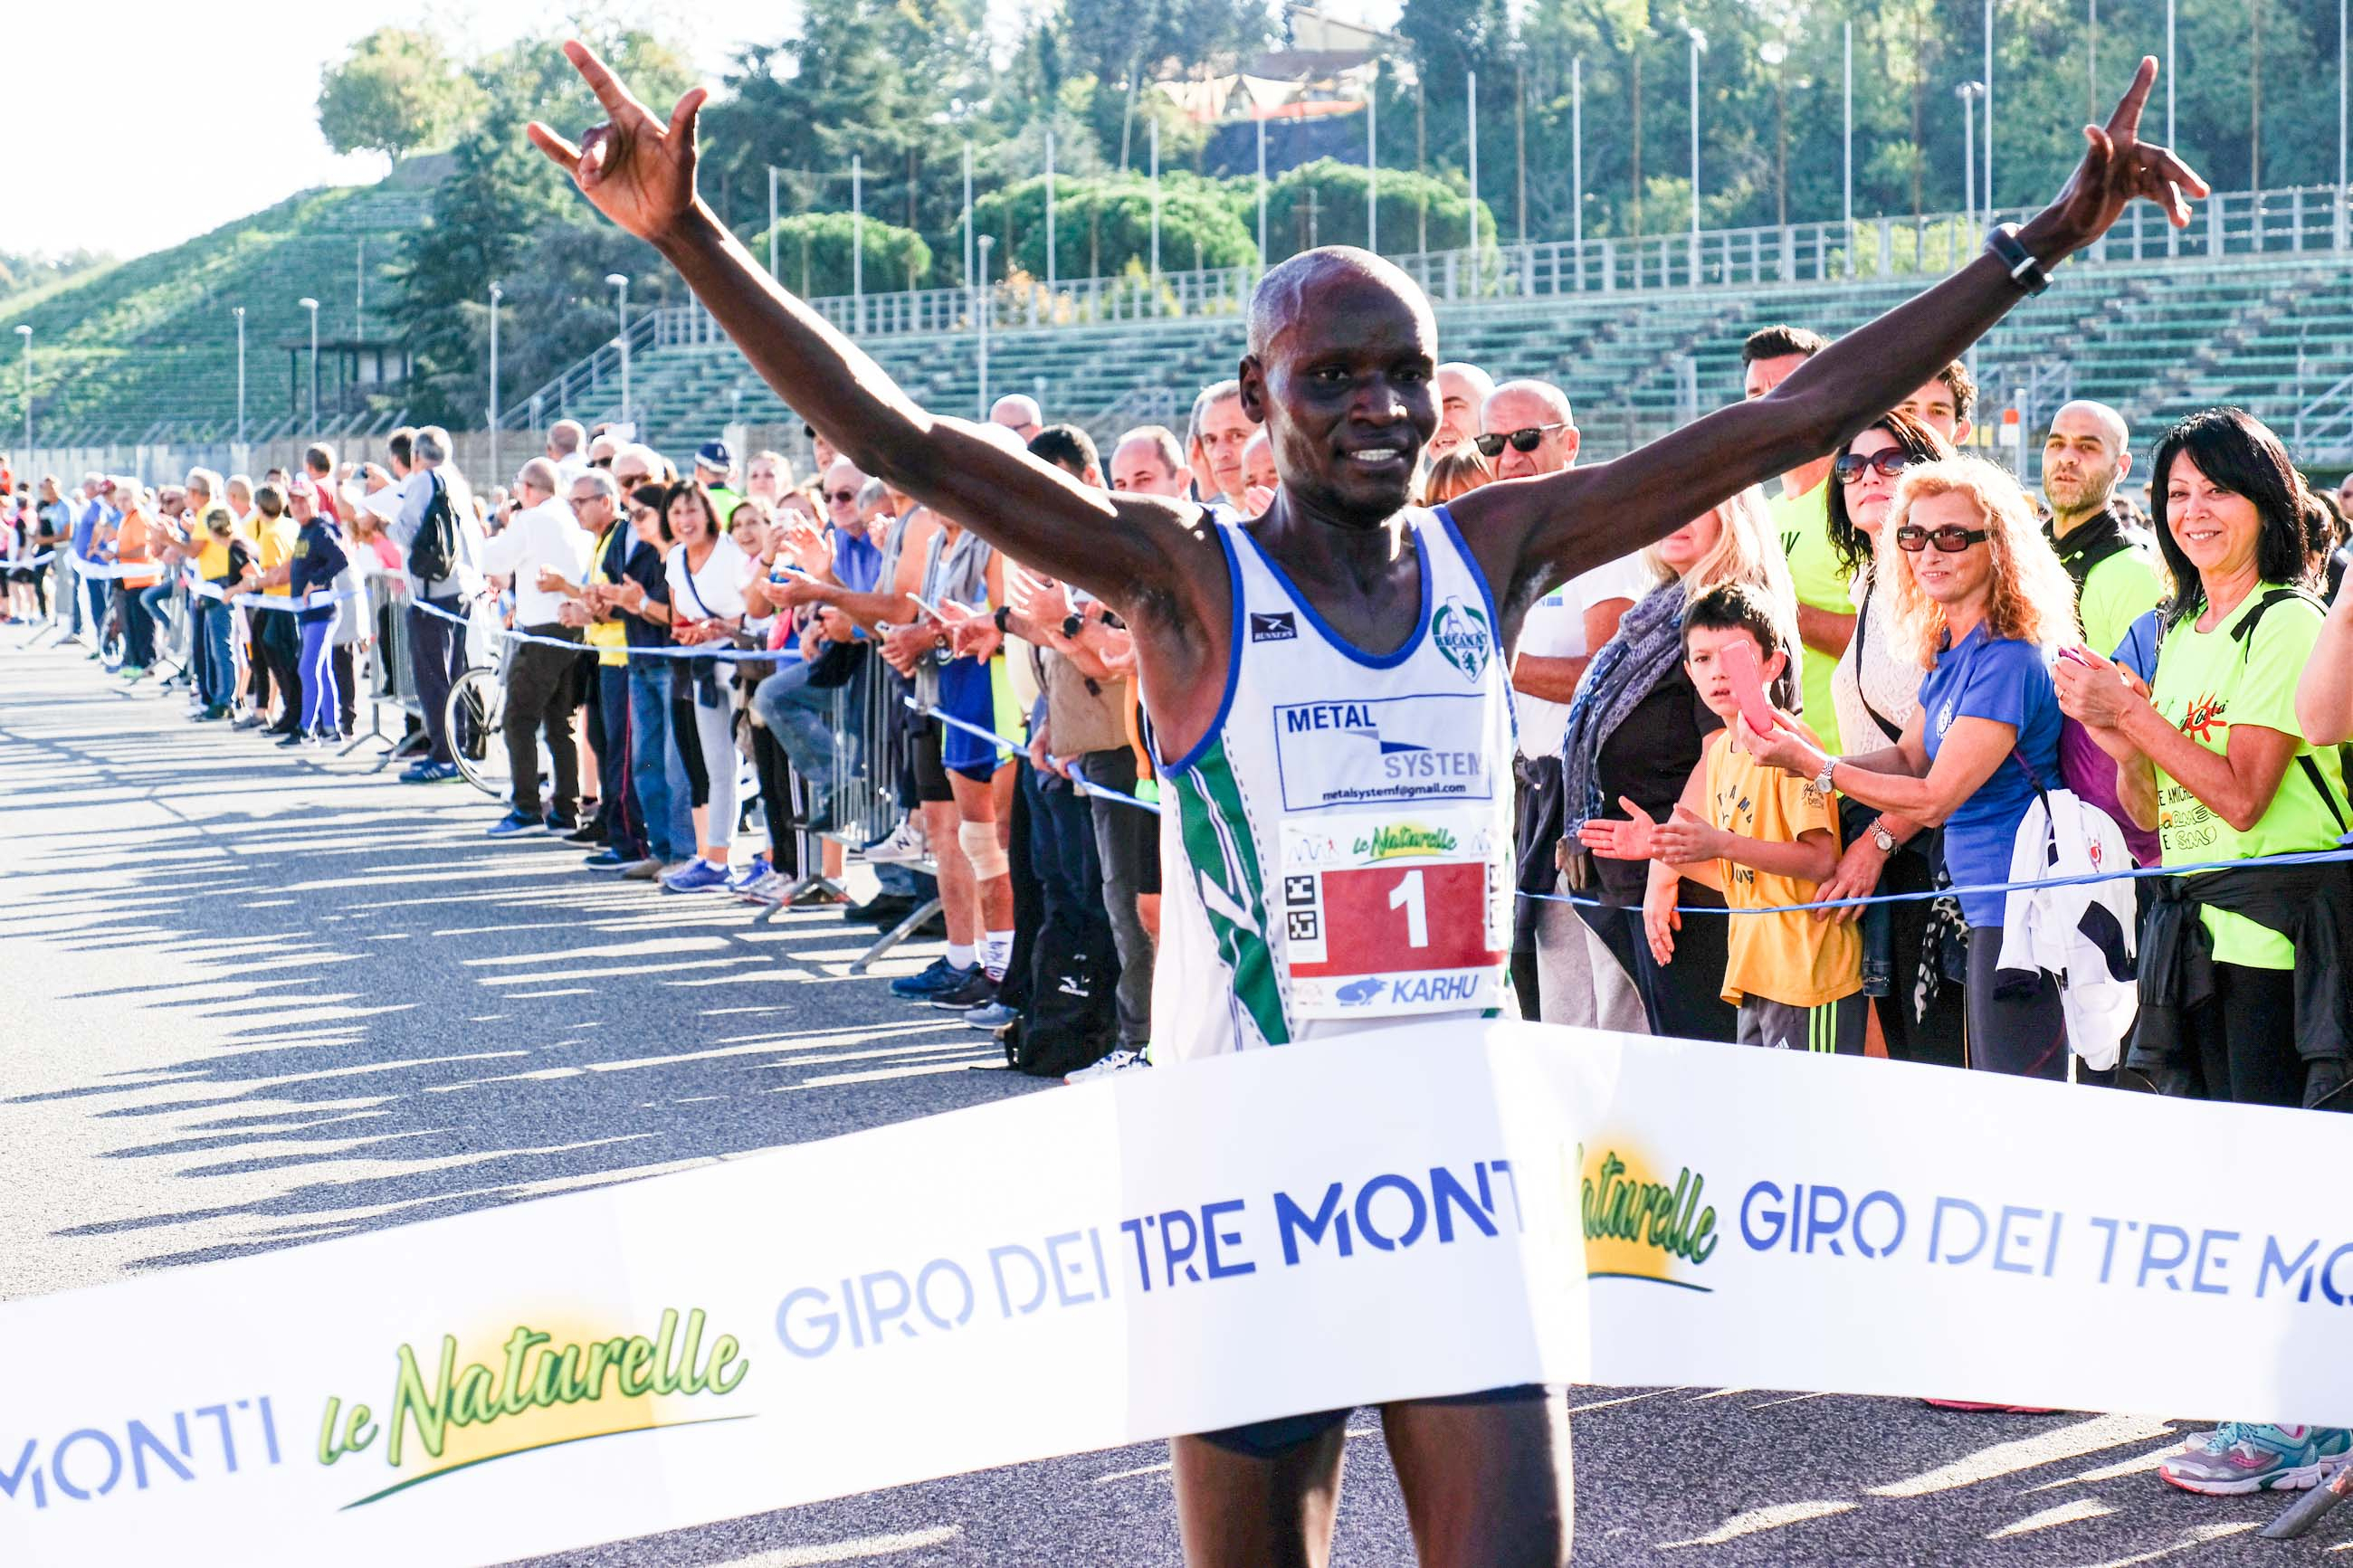 Podismo, al Giro dei Tre Monti di Imola domina il Kenya